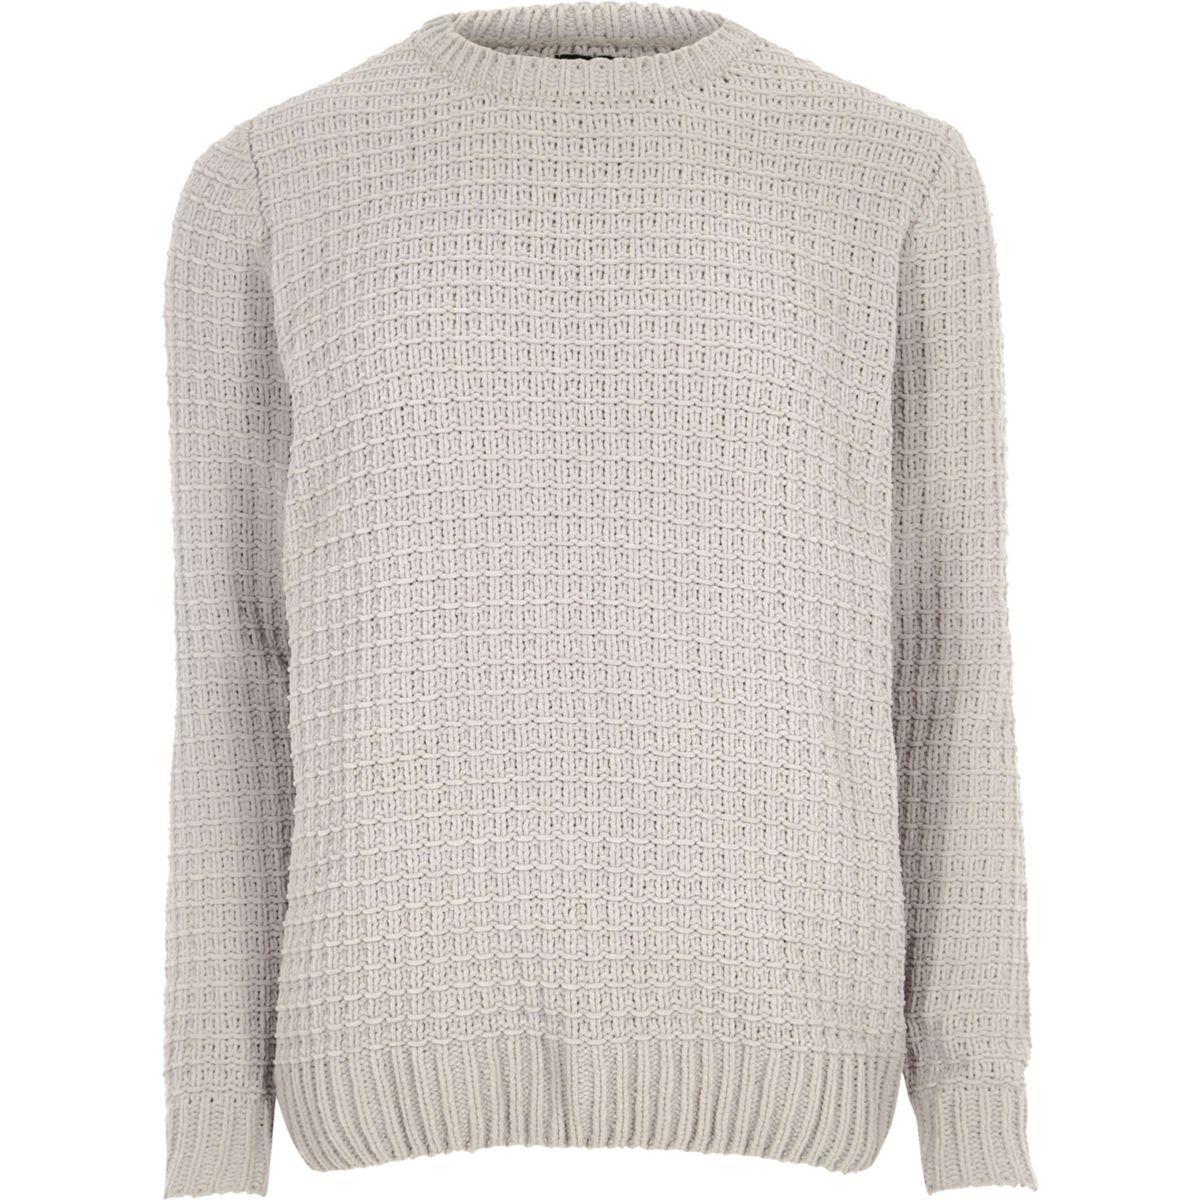 Light grey basket stitch knit jumper